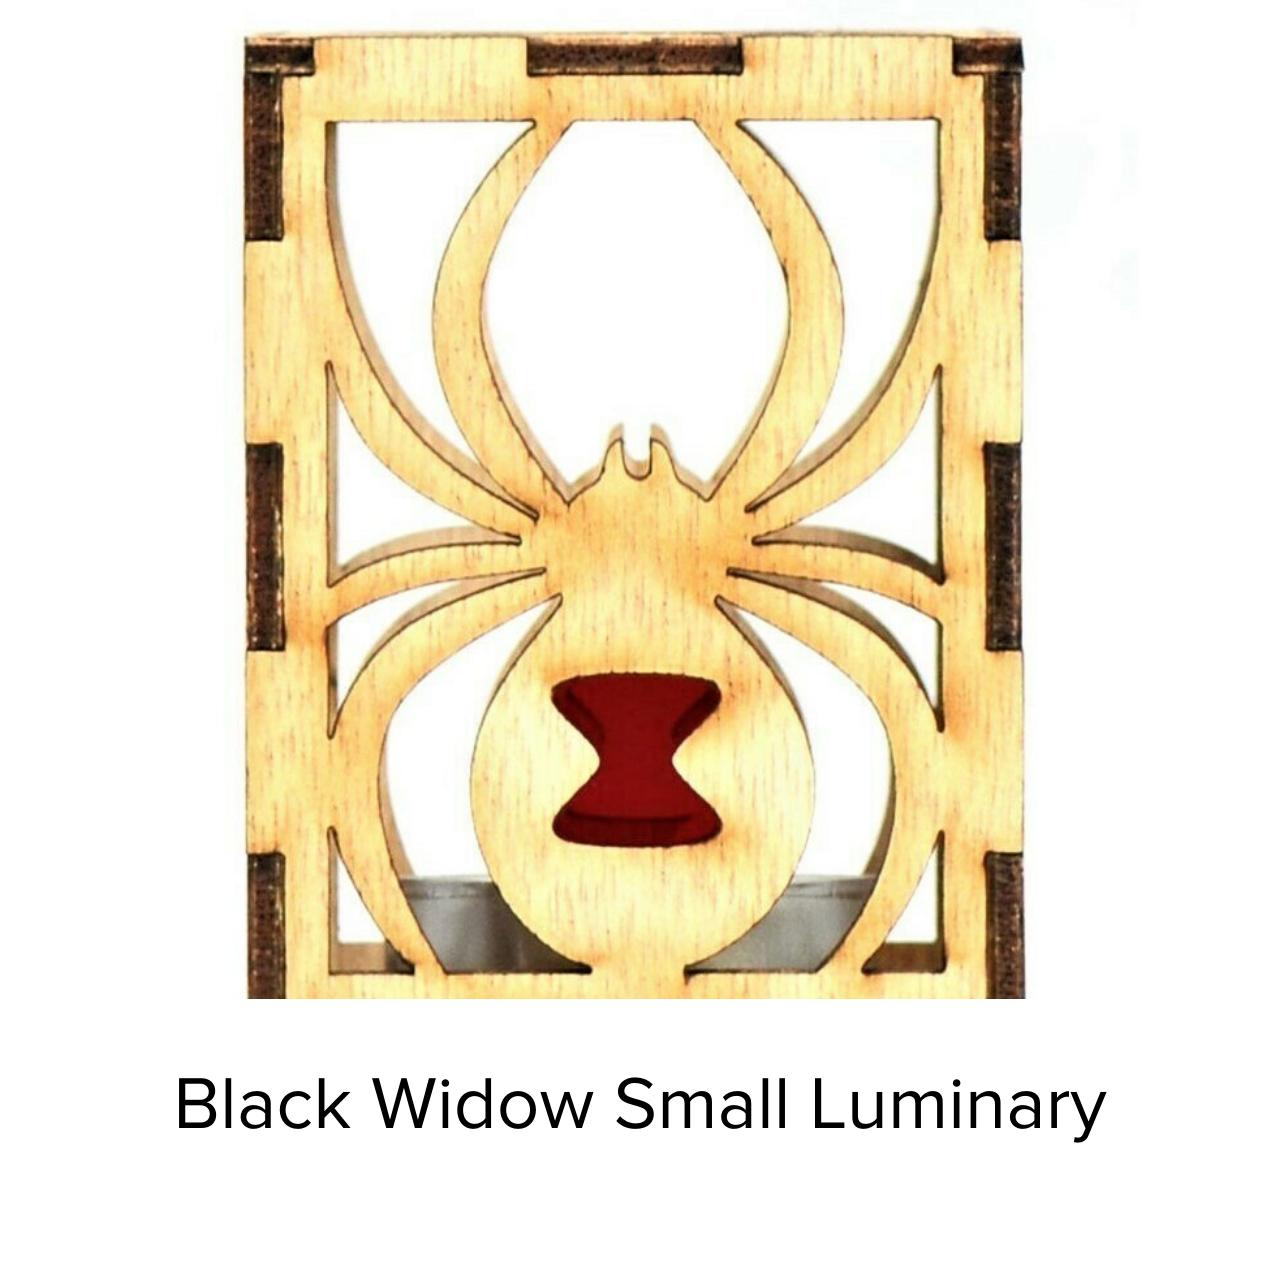 Sunbird Luminary Sm BlackWidow LUM203